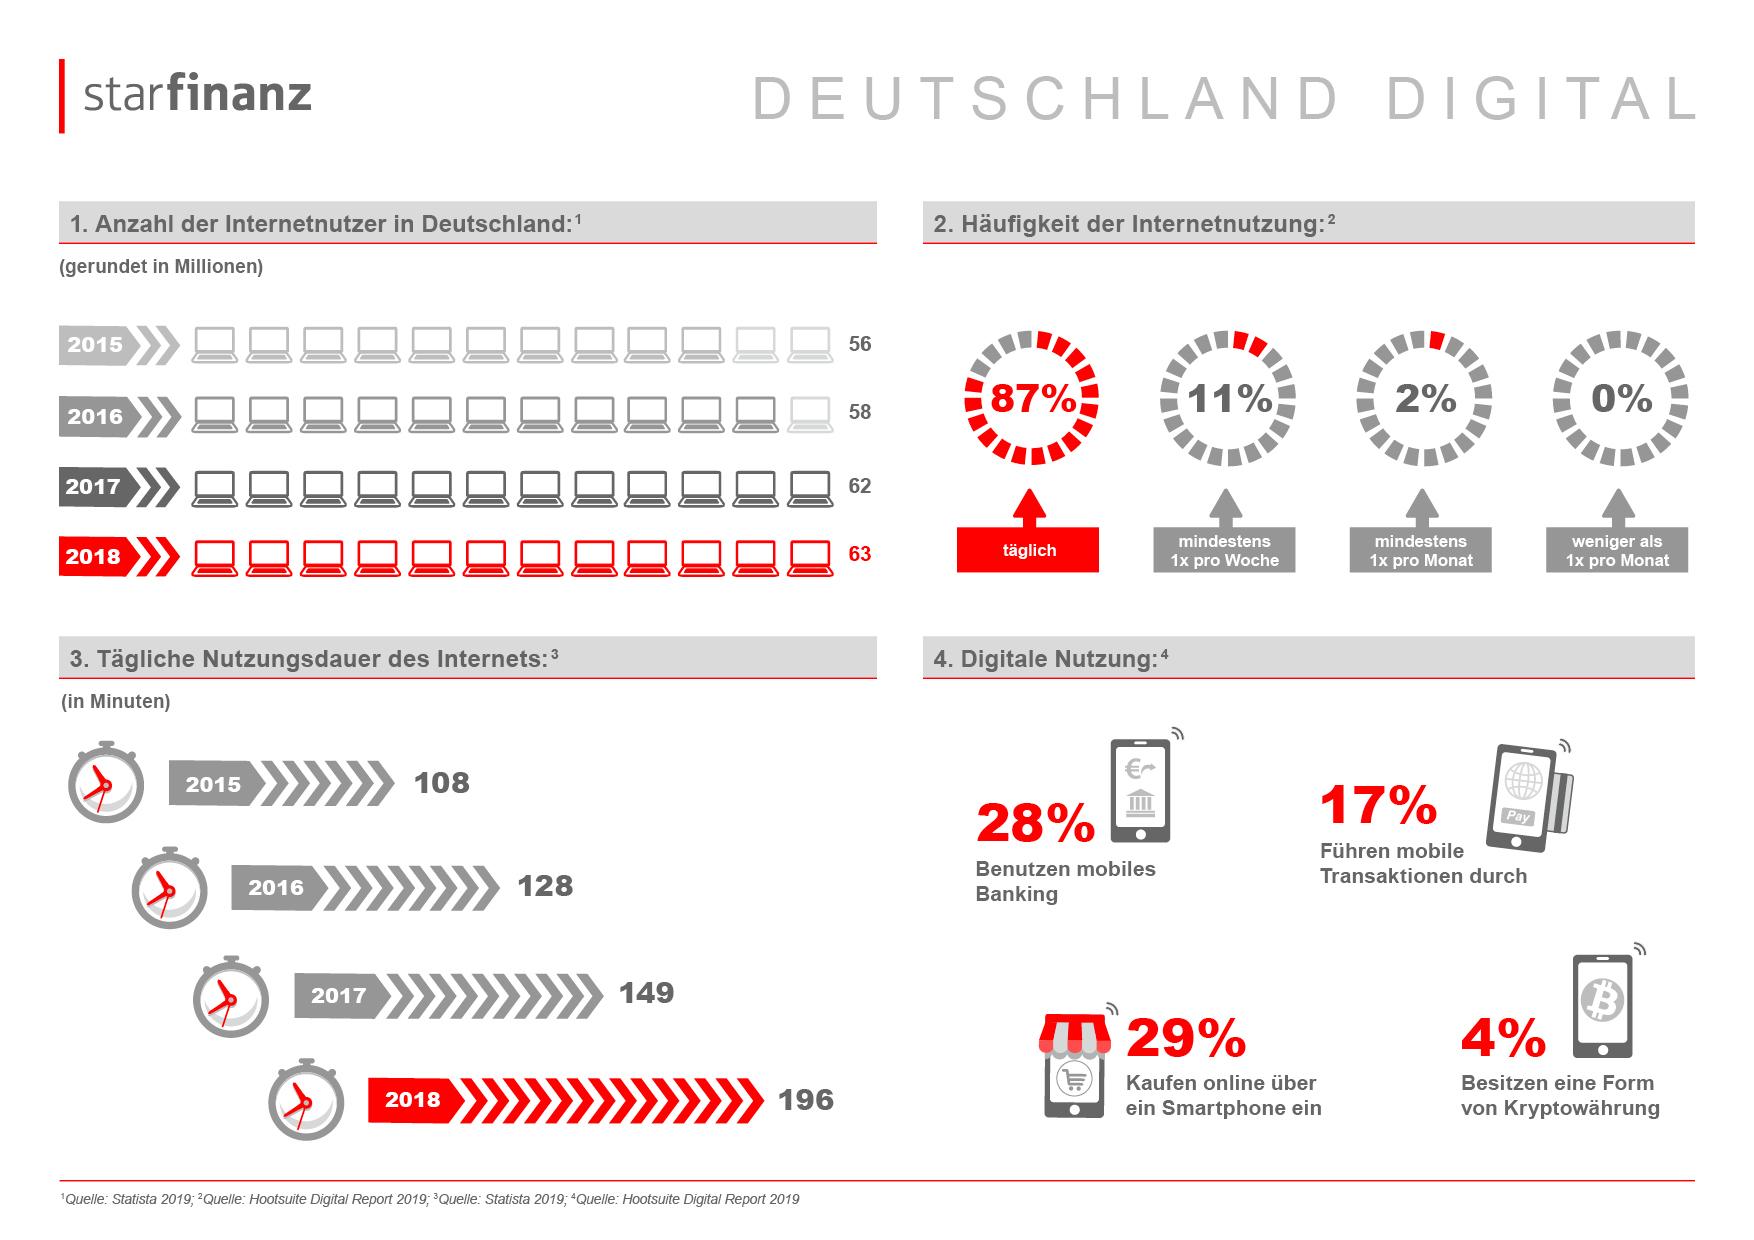 Immer mehr Deutsche verbringen immer mehr Zeit online 4